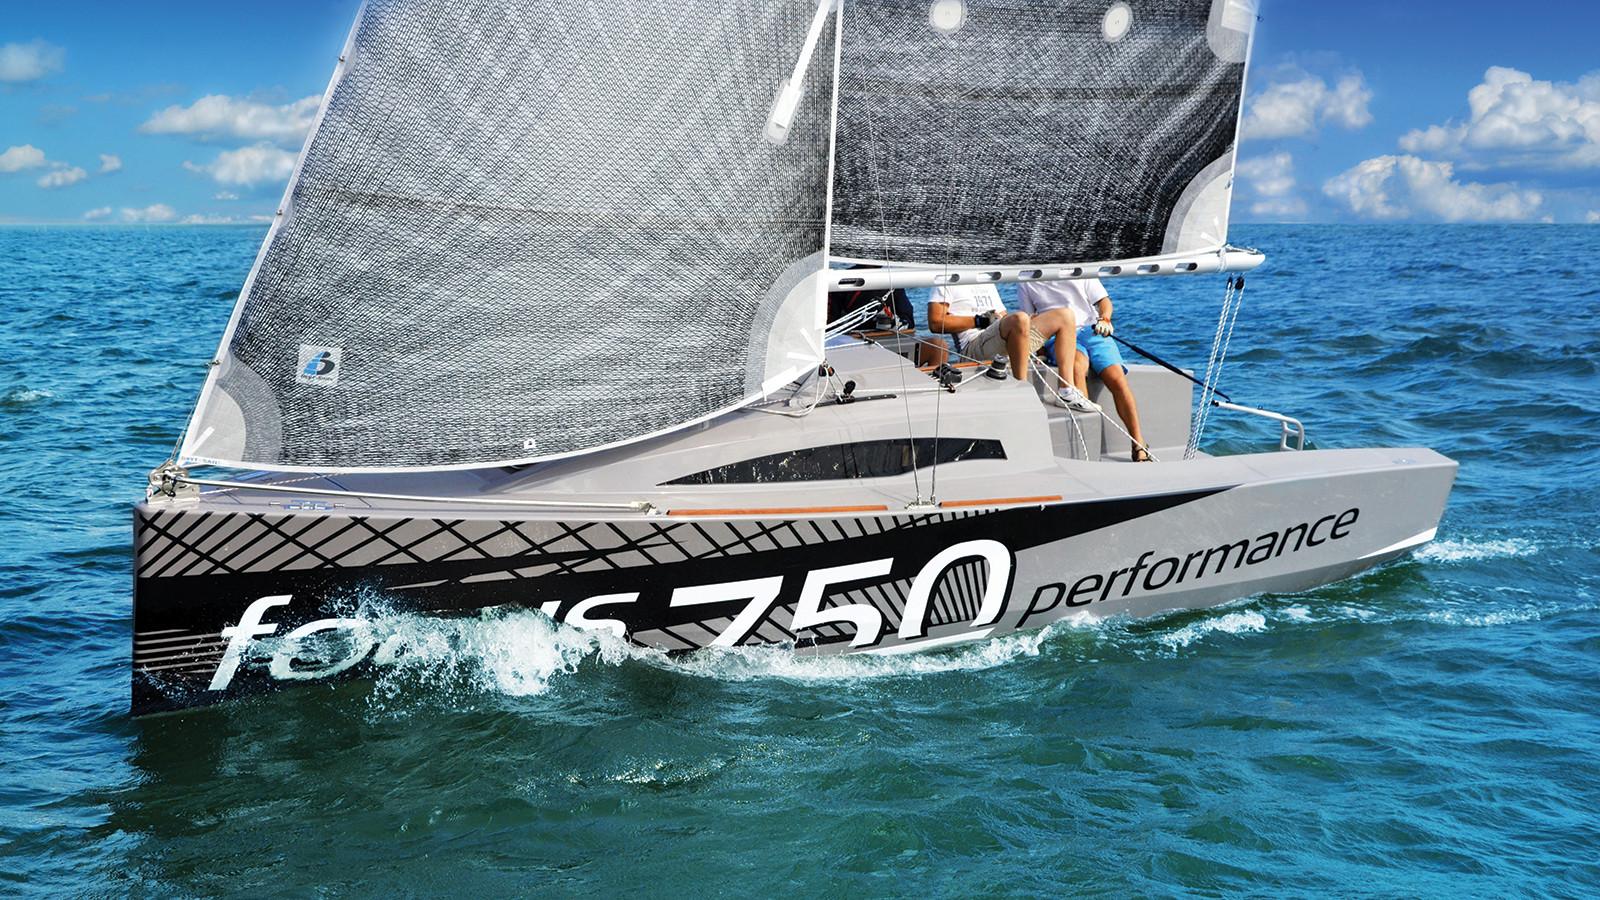 Focus 750 performance - 6